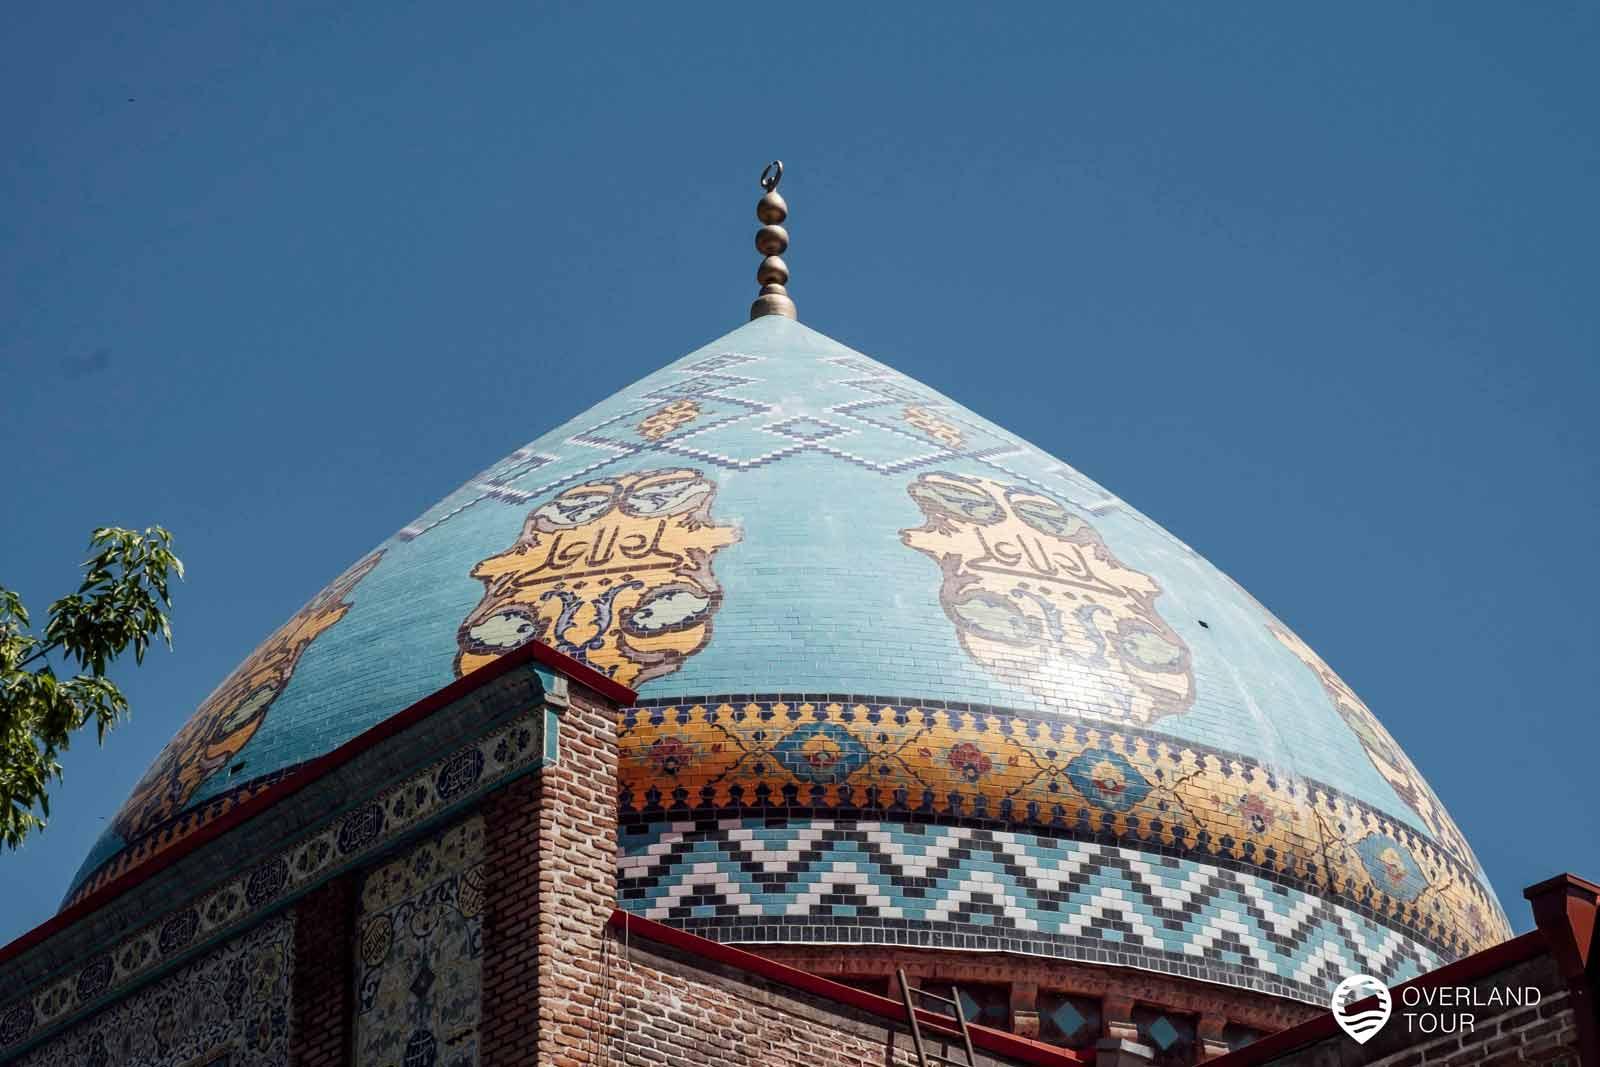 Sehenswürdigkeit Jerewan   Top 9 - Die Blaue Moschee ist zurzeit die einige Moschee, die in ganz Armenien genutzt wird